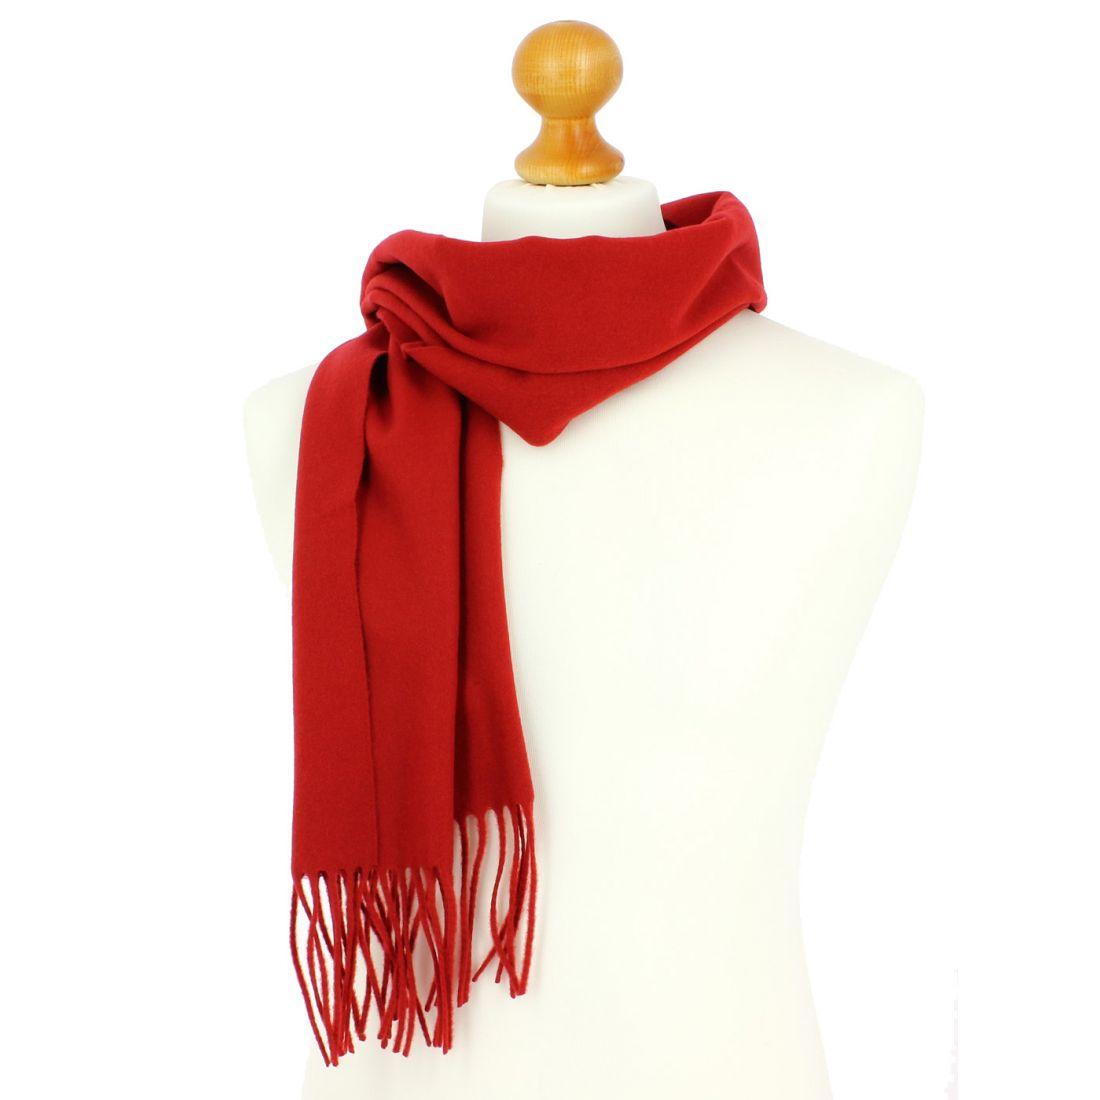 ... c2e3d00f56dddc Echarpe rouge luxe unie en laine d Australie, 37x180cm  ... 4c04af2cfe3